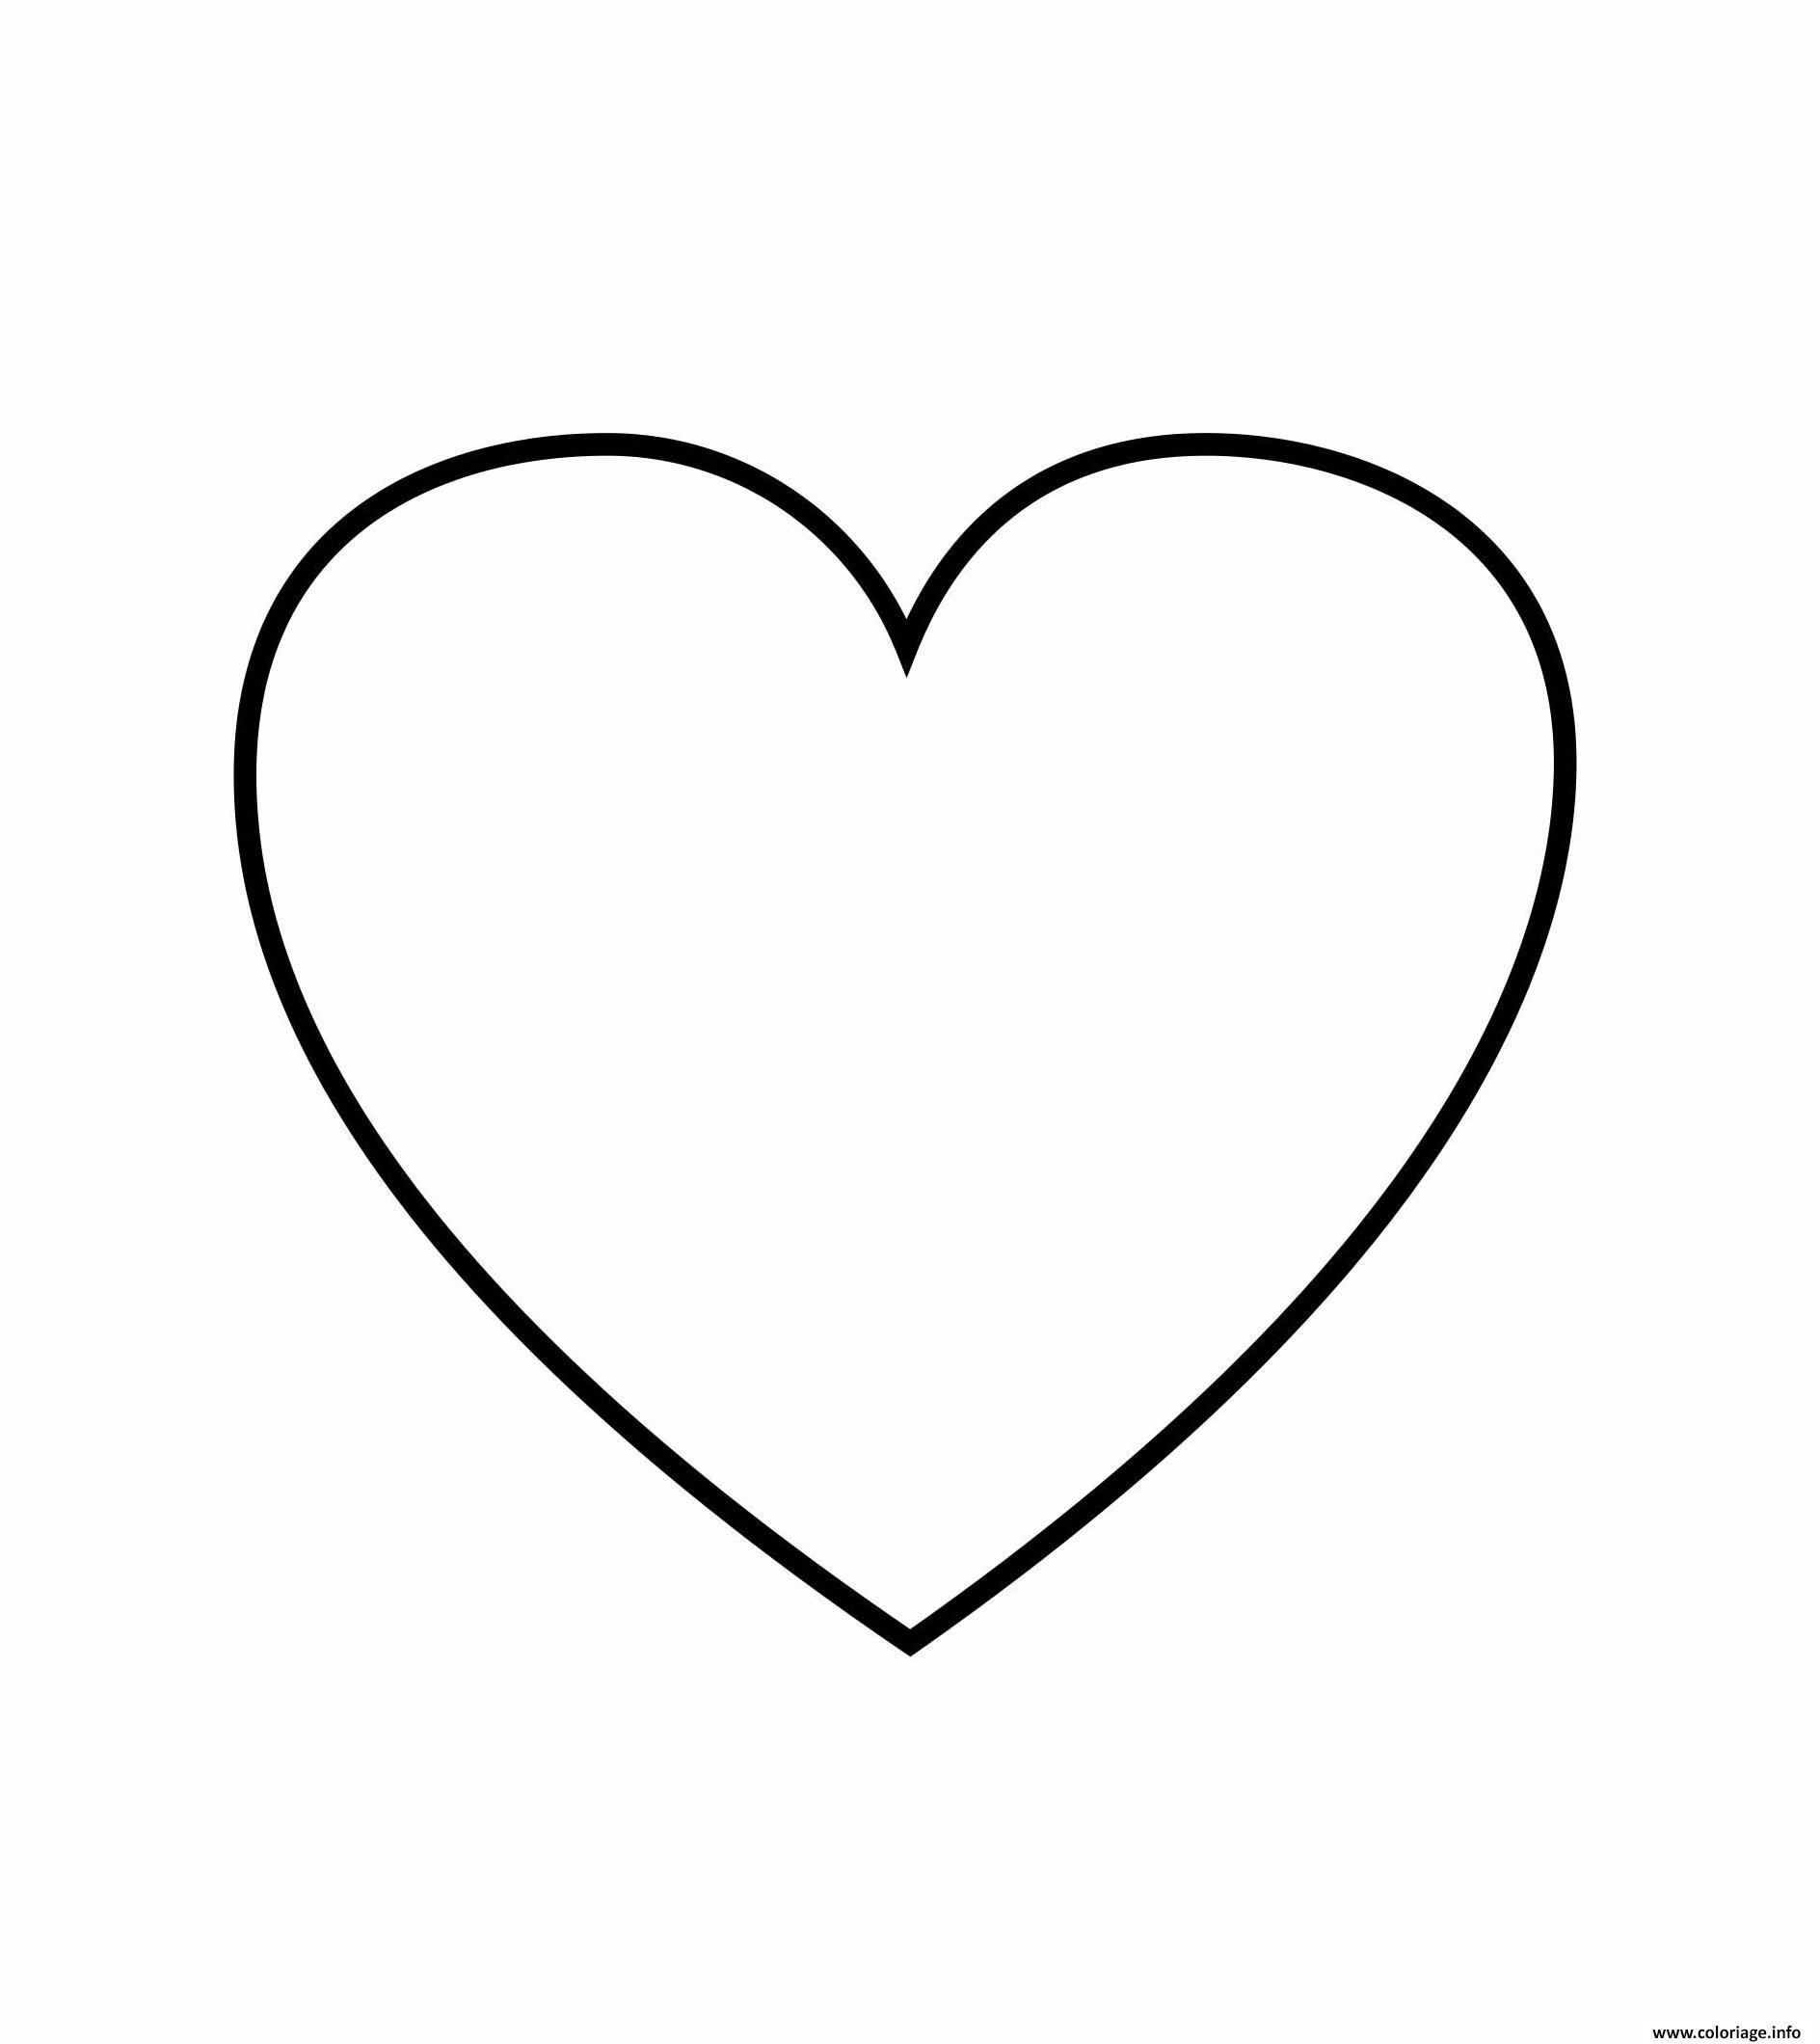 Coloriage Coeur 111 Dessin  Imprimer